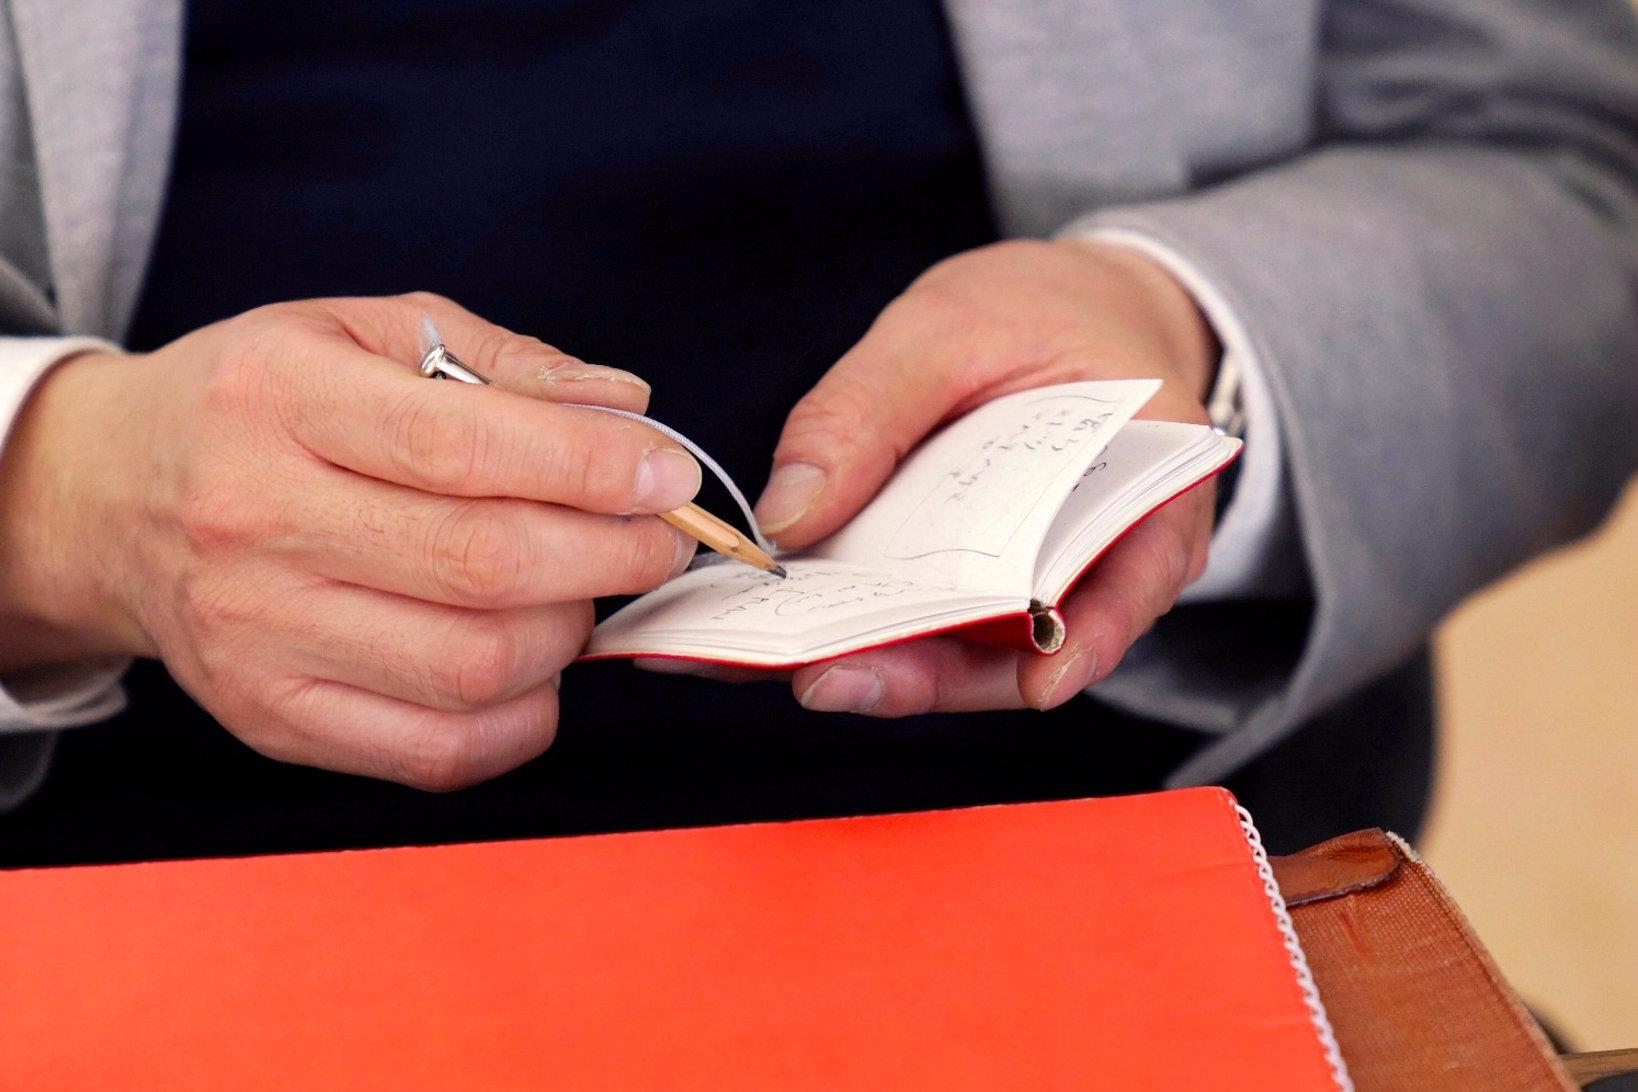 ちなみにこちらは、いつ何時でもメモしたいときにメモできるという、土橋さんが商品企画をディレクションした鉛筆付きミニ手帳 「すぐログ」(ダイゴー)。 (https://shop.daigo.co.jp/news/news-43953/)